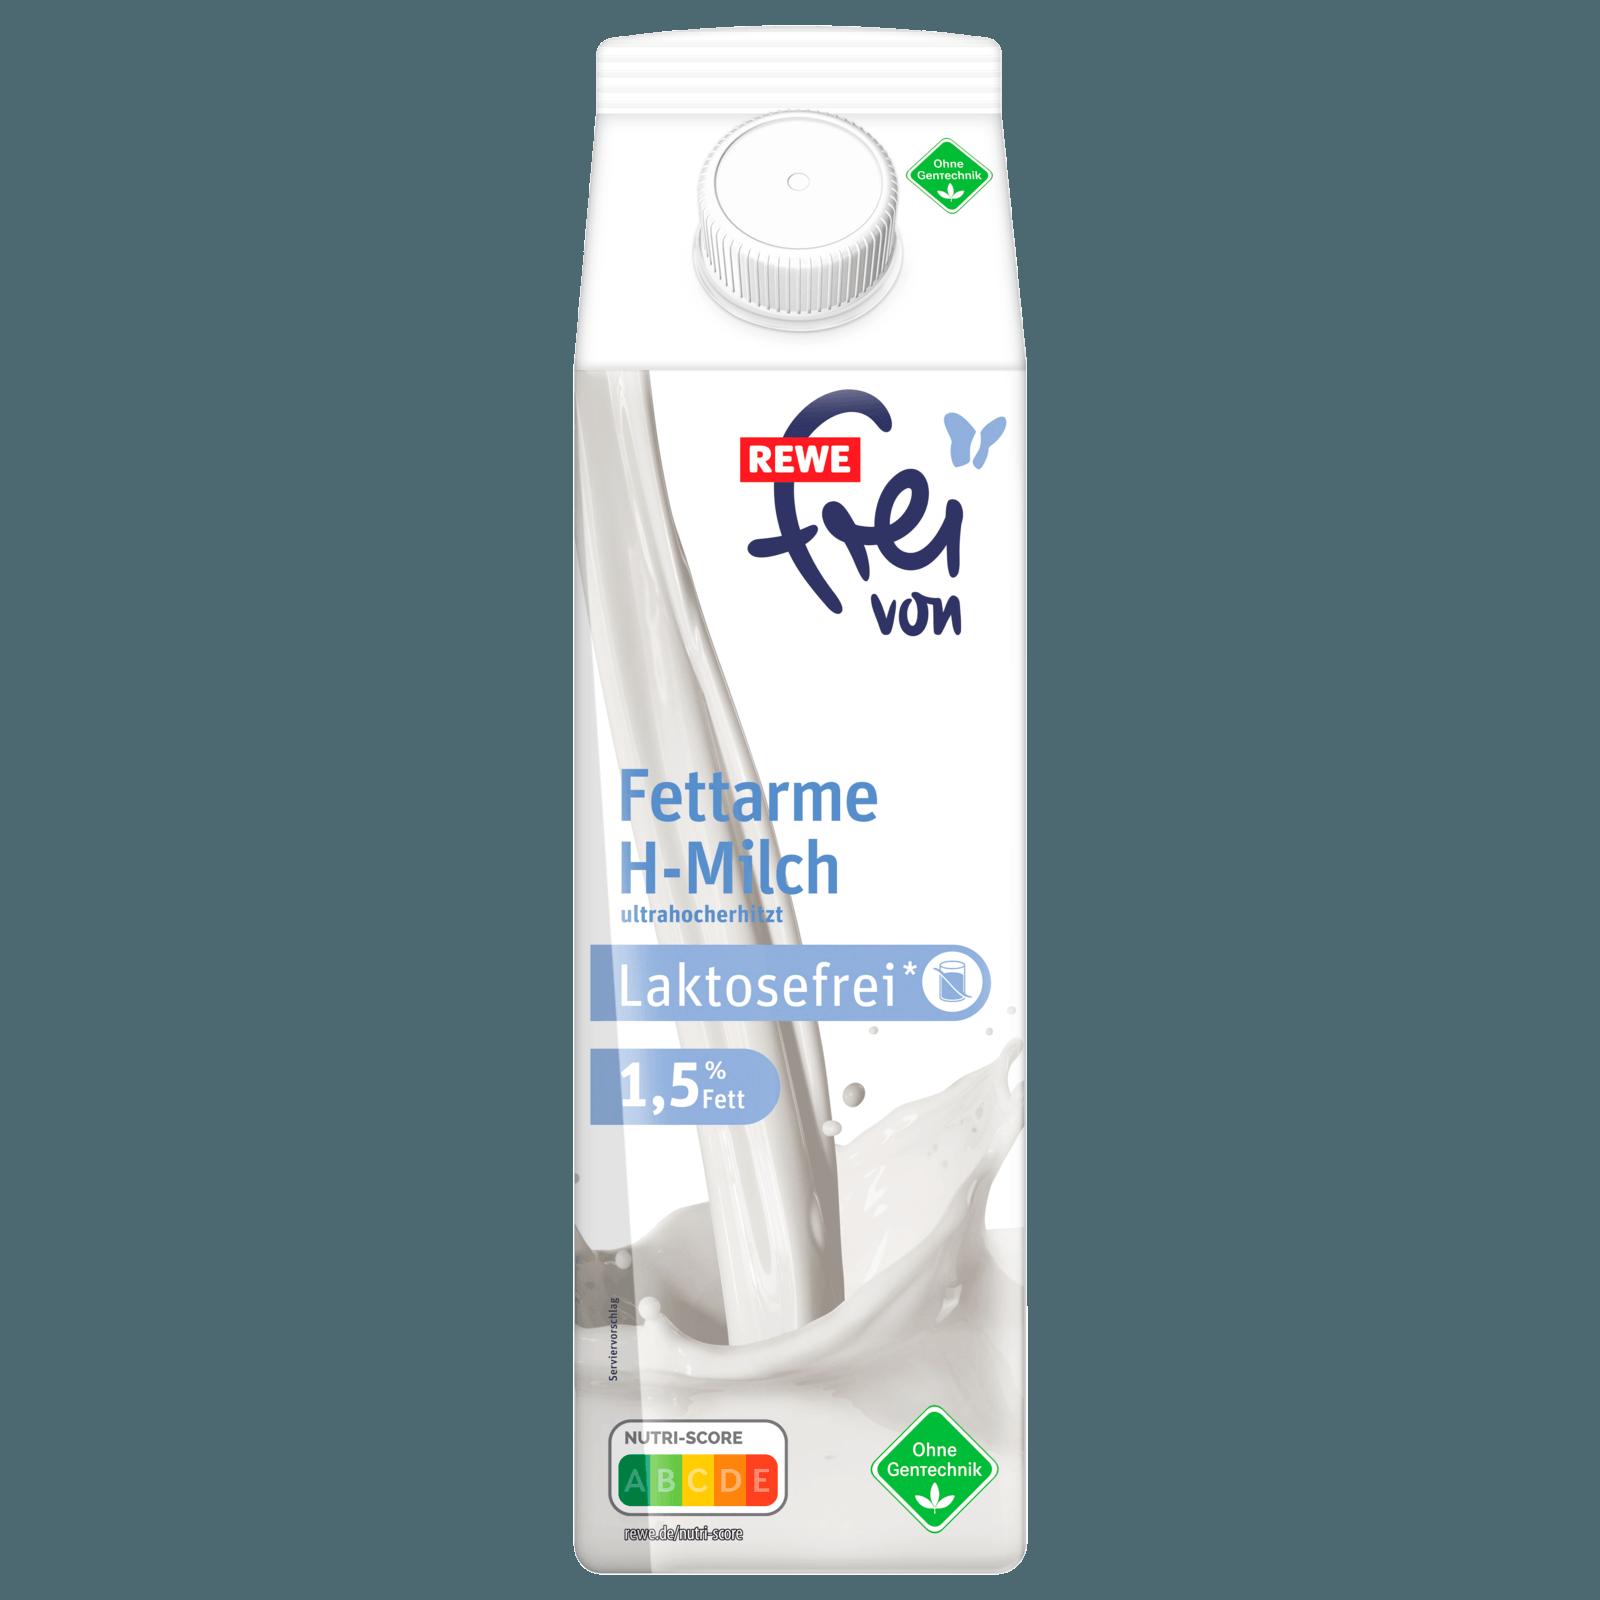 REWE Frei von Fettarme H-Milch 1,5% 1l